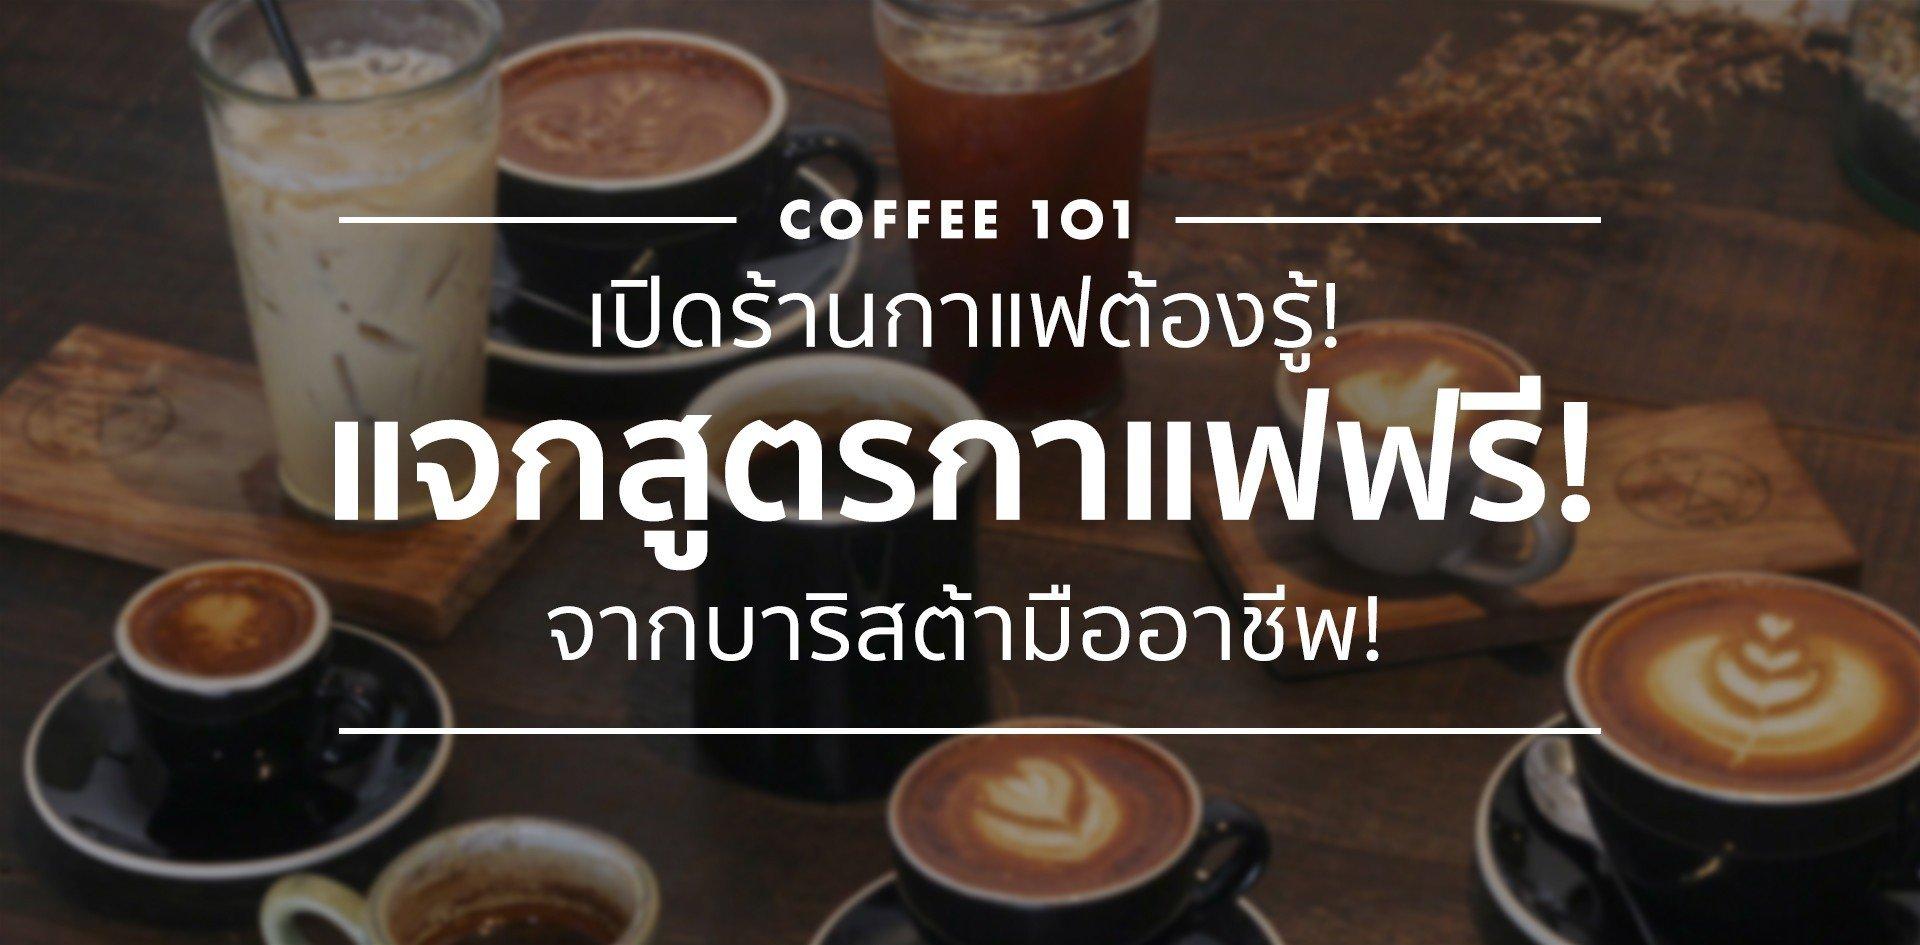 เปิดร้านกาแฟต้องรู้! แจกสูตรกาแฟฟรีจากบาริสต้ามืออาชีพ!